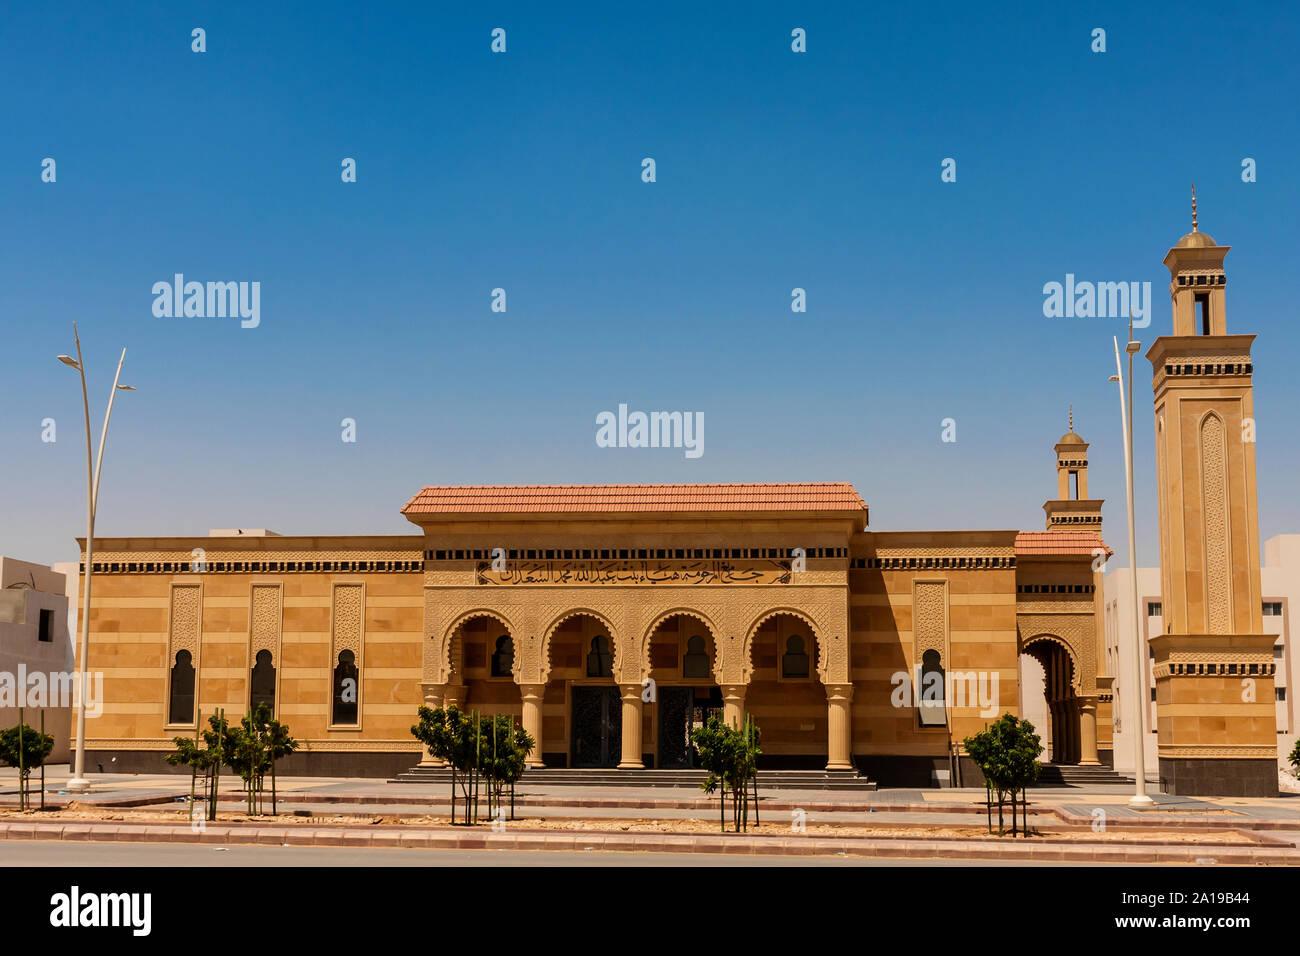 Jeddah sites de rencontres Bureau national de la recherche économique NBER Business cycle datation Comité